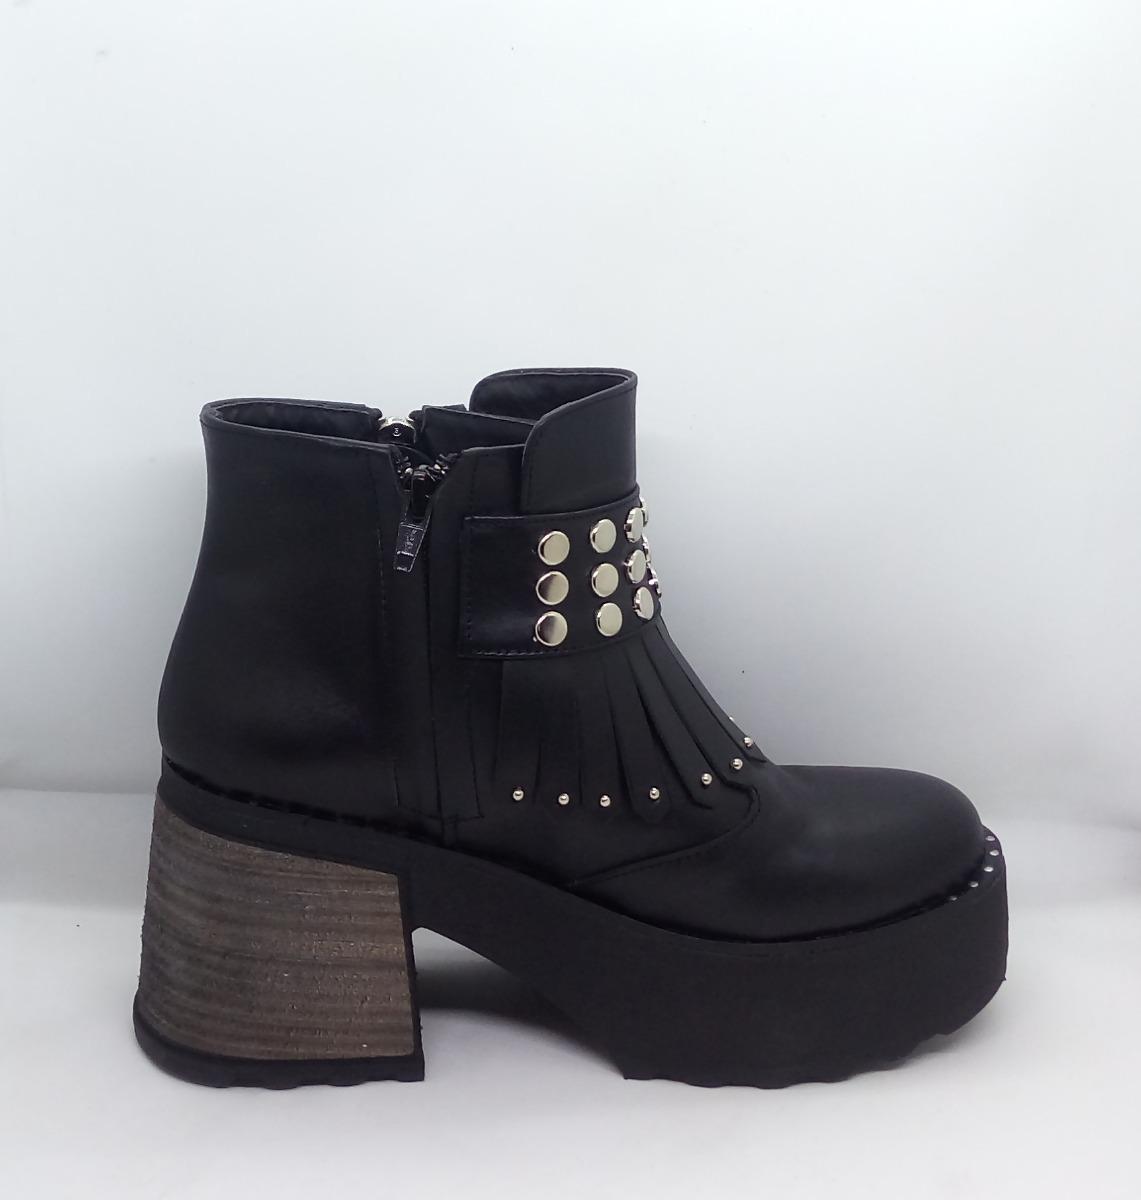 7e8f9d05 Botas Borcegos Mujer Taco Riot Art 183 Zona Zapatos - $ 2.309,00 en ...